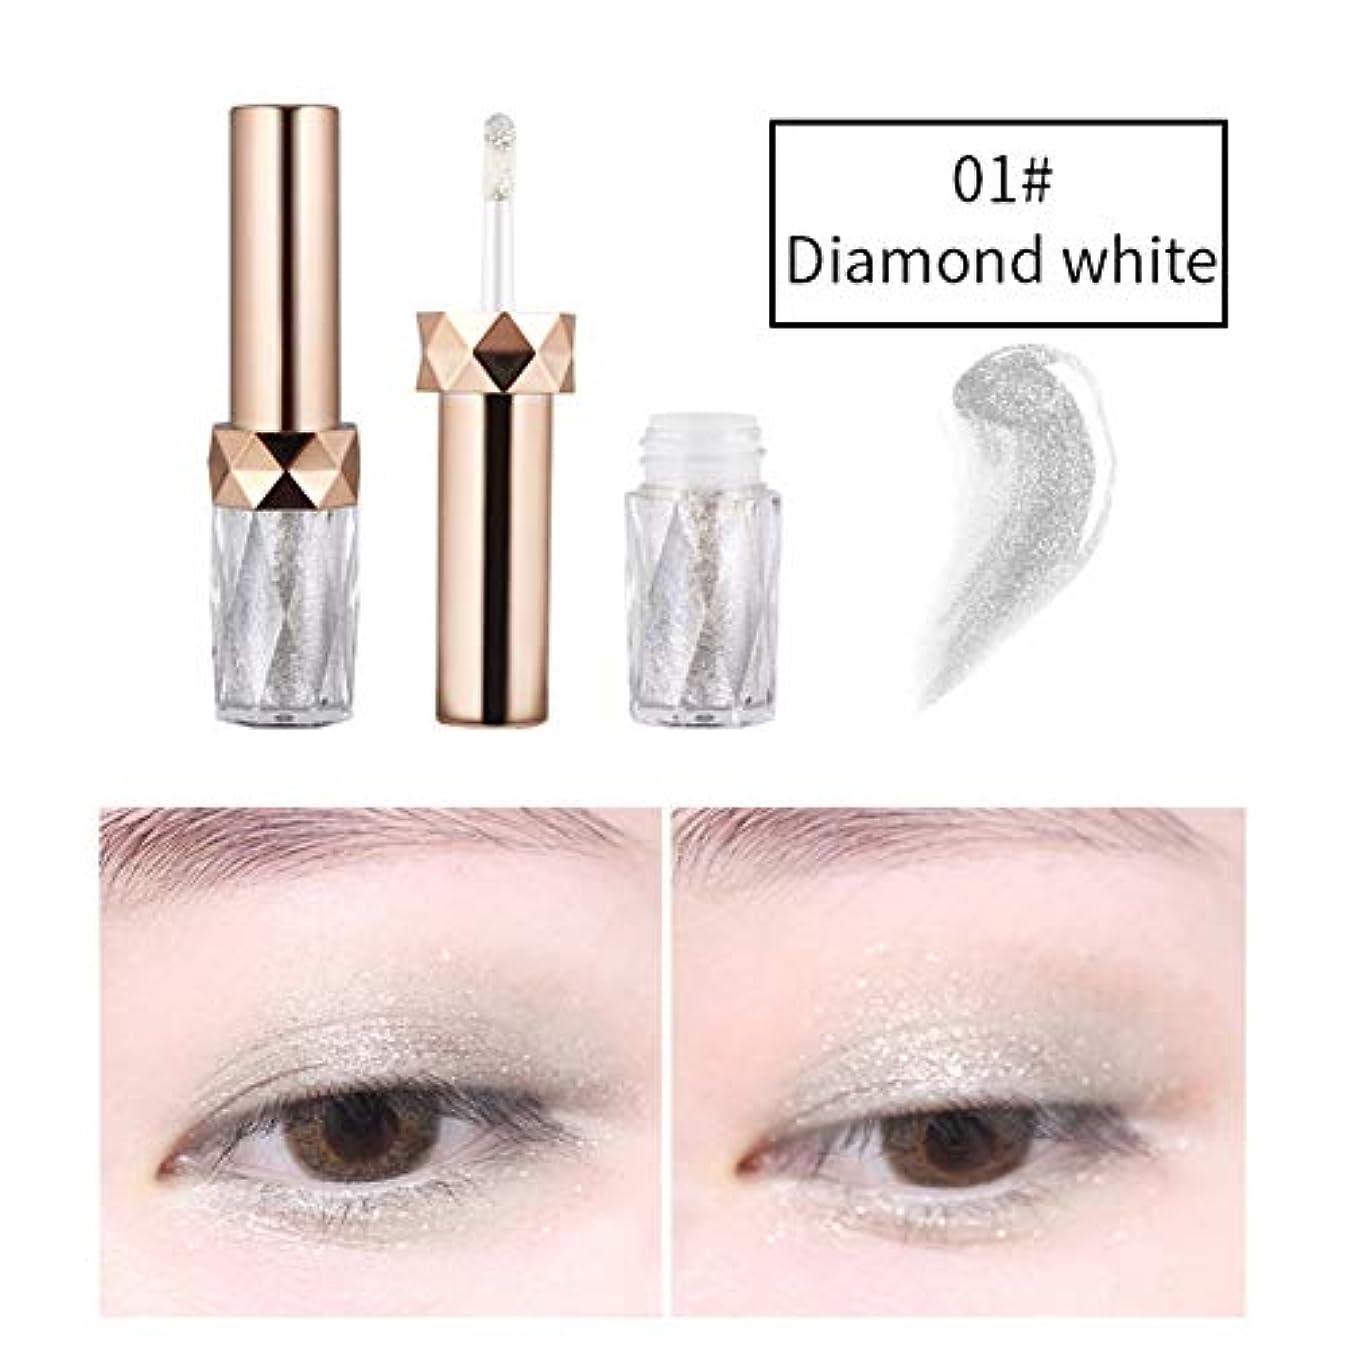 ベンチ艦隊気付くCutelove リキッドアイシャドウ ダイヤモンドのような煌めき 日常でも使える 上品 ロングラスティング Diamond White